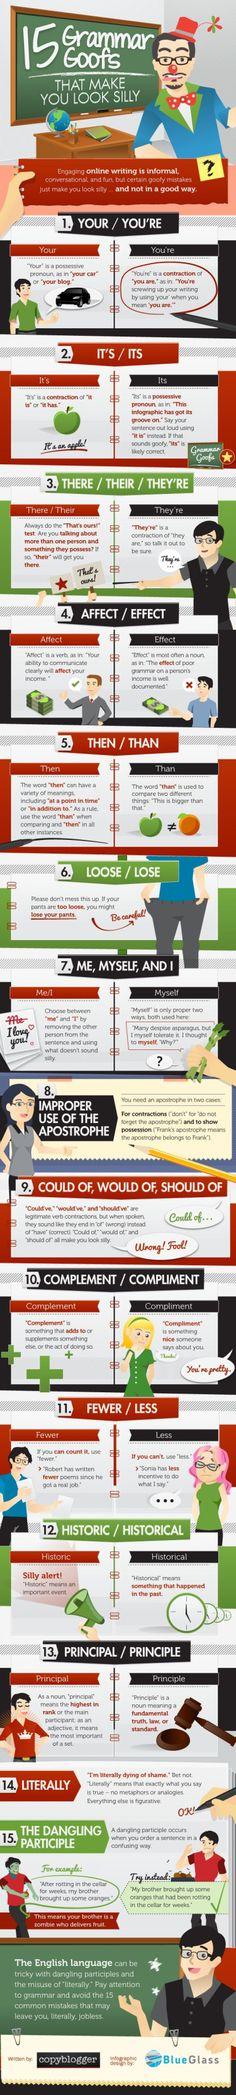 15 Grammar Goofs Infographic